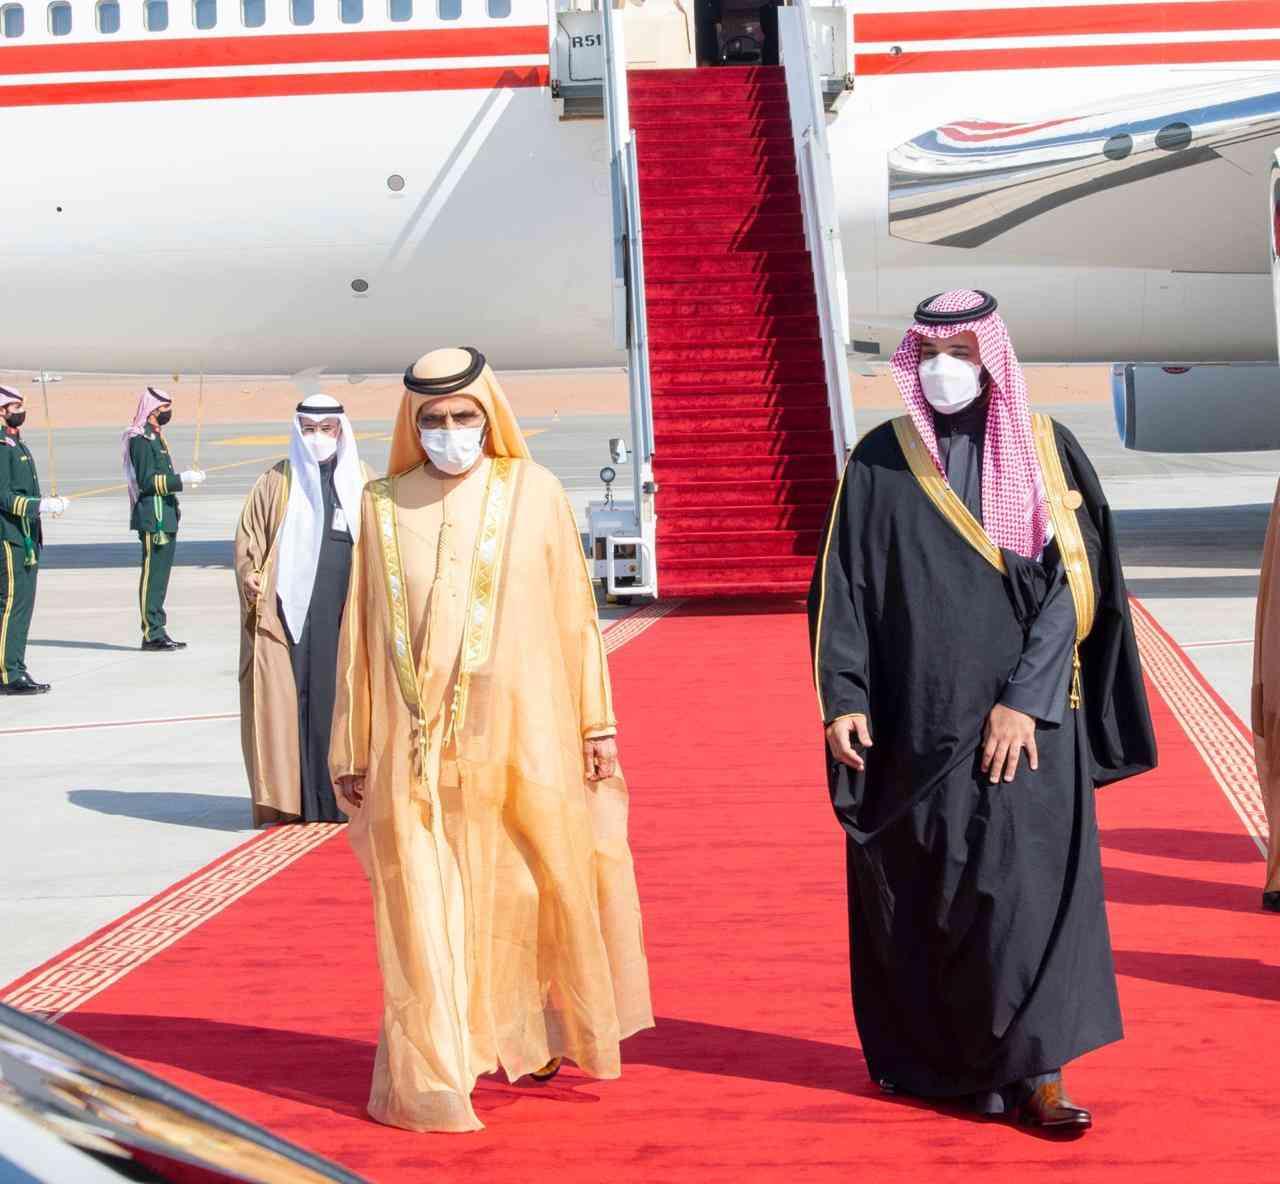 الصورة : ولي العهد السعودي يستقبل صاحب السمو الشيخ محمد بن راشد آل مكتوم